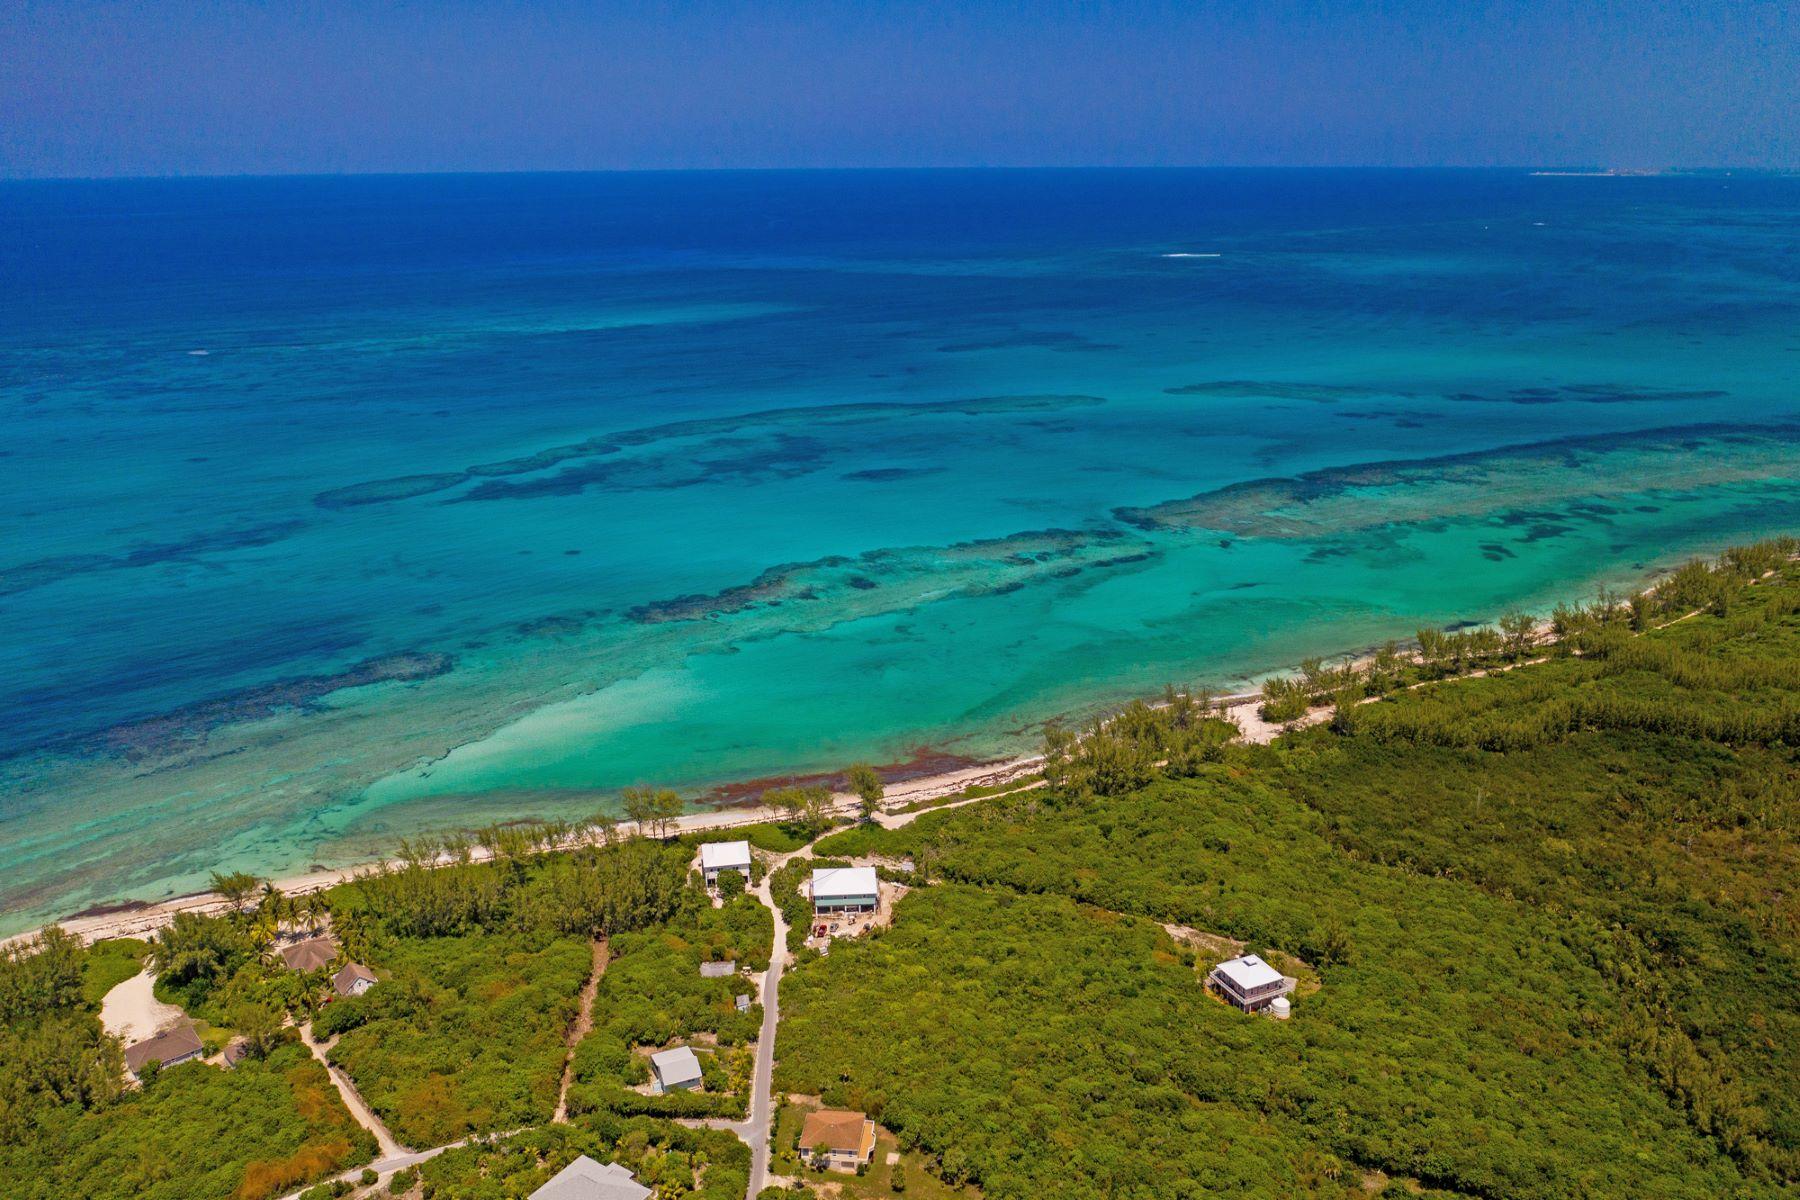 Οικόπεδο για την Πώληση στο Green Turtle Cay, Αμπακο Μπαχάμες